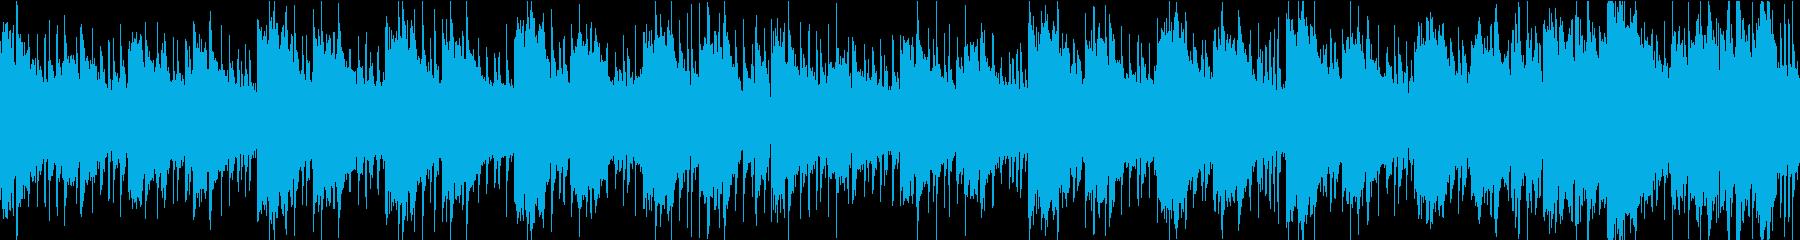 日常シーンに最適なクセの無い曲[ループ]の再生済みの波形